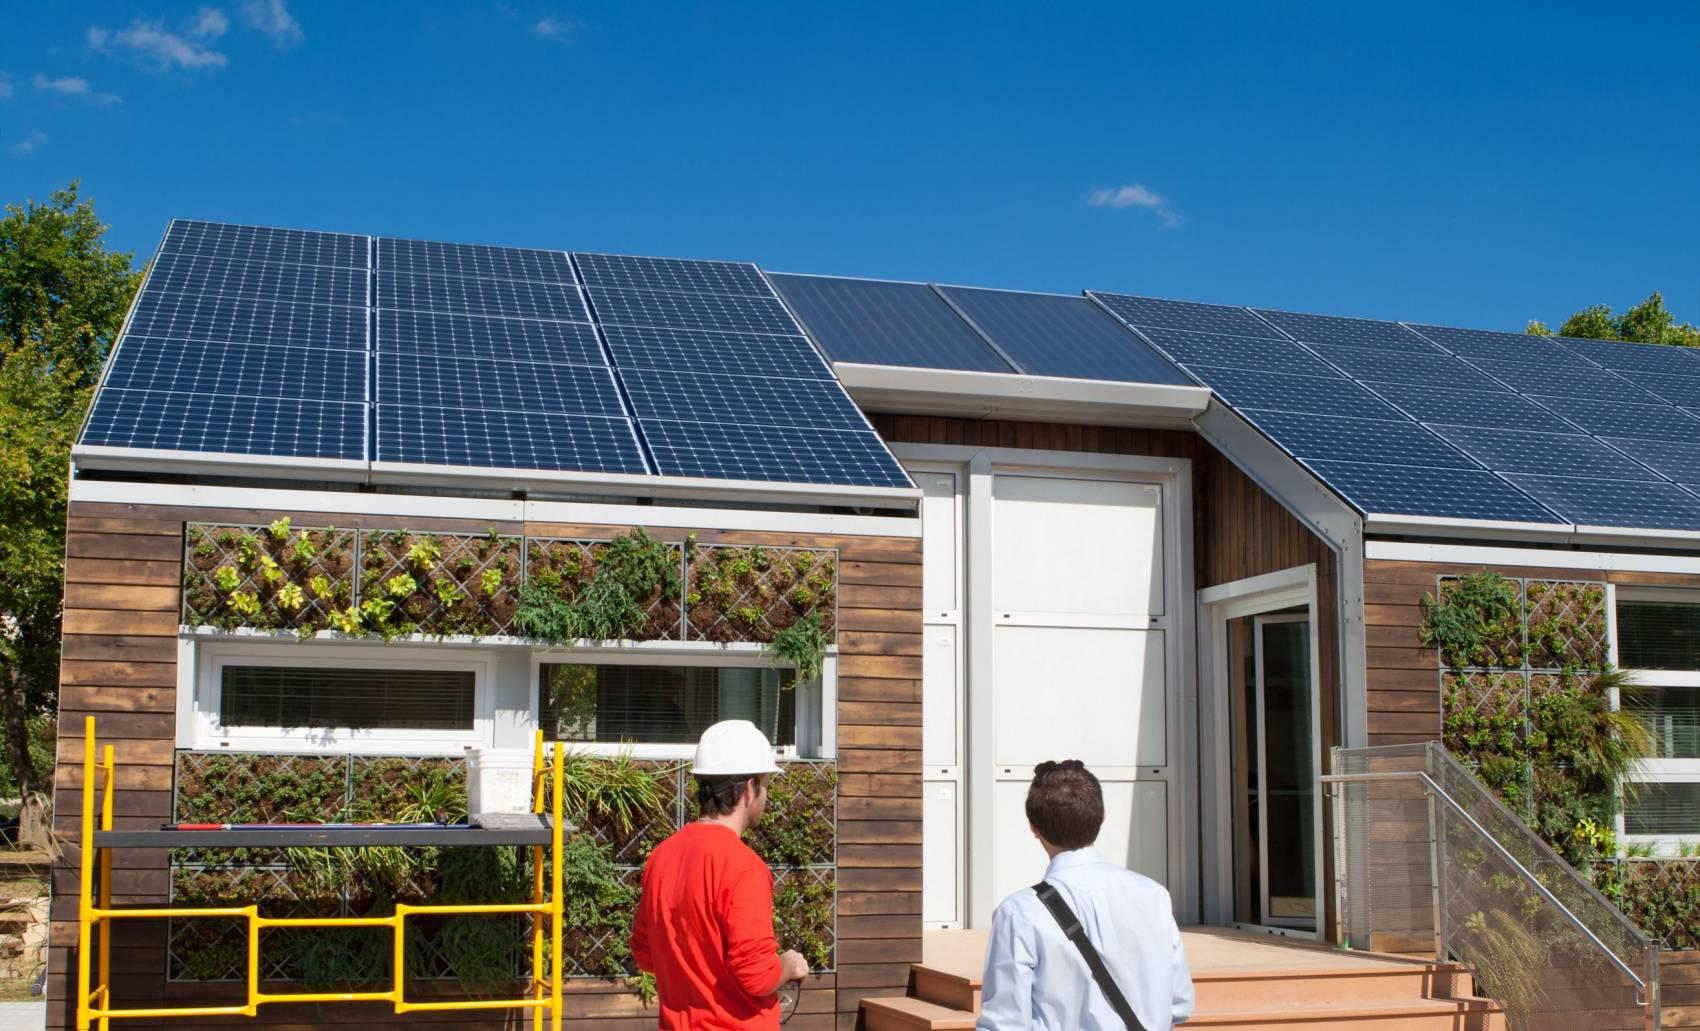 Maison passive maison bioclimatique aide et conseil for Aide construction maison bbc